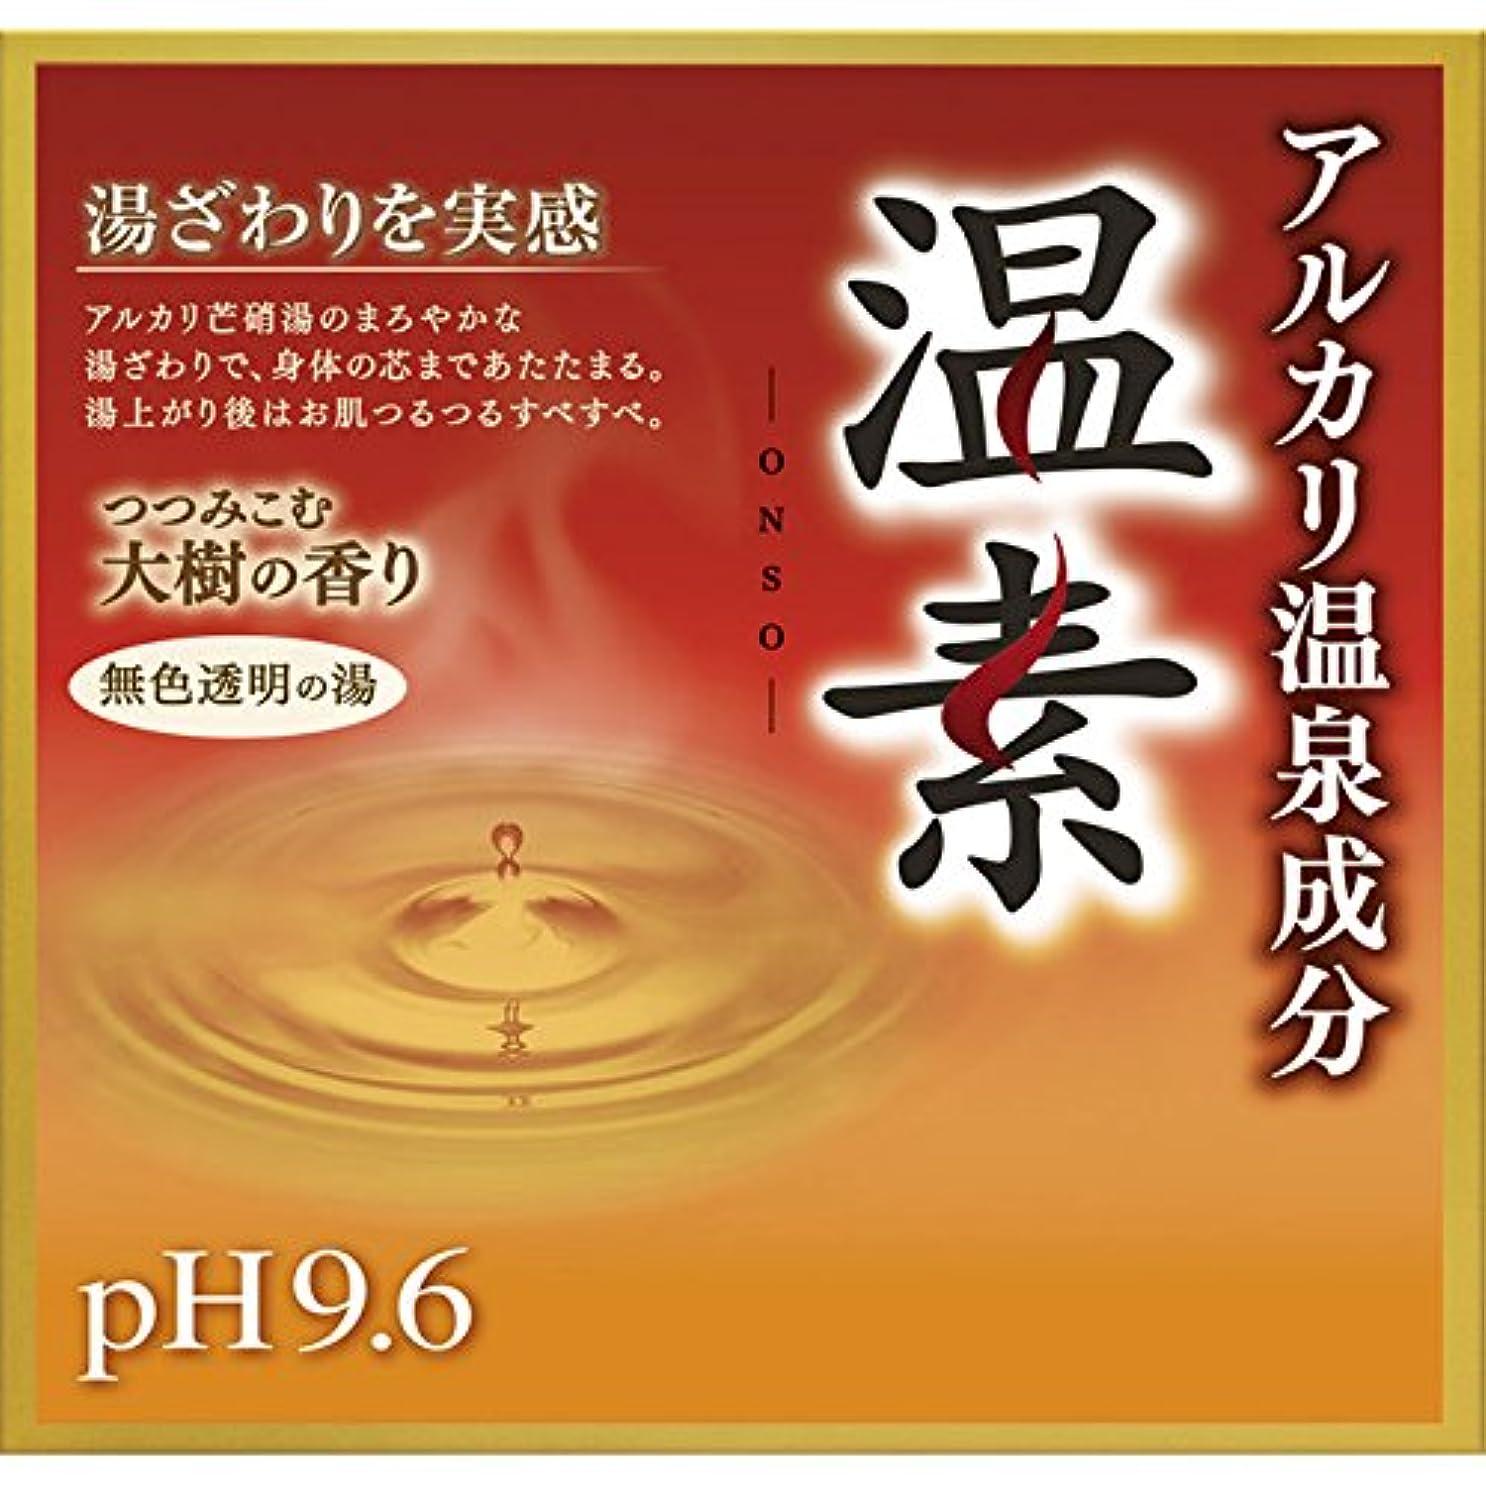 周波数スリッパ適切なアース製薬 アルカリ温泉成分 温素 30g×15包